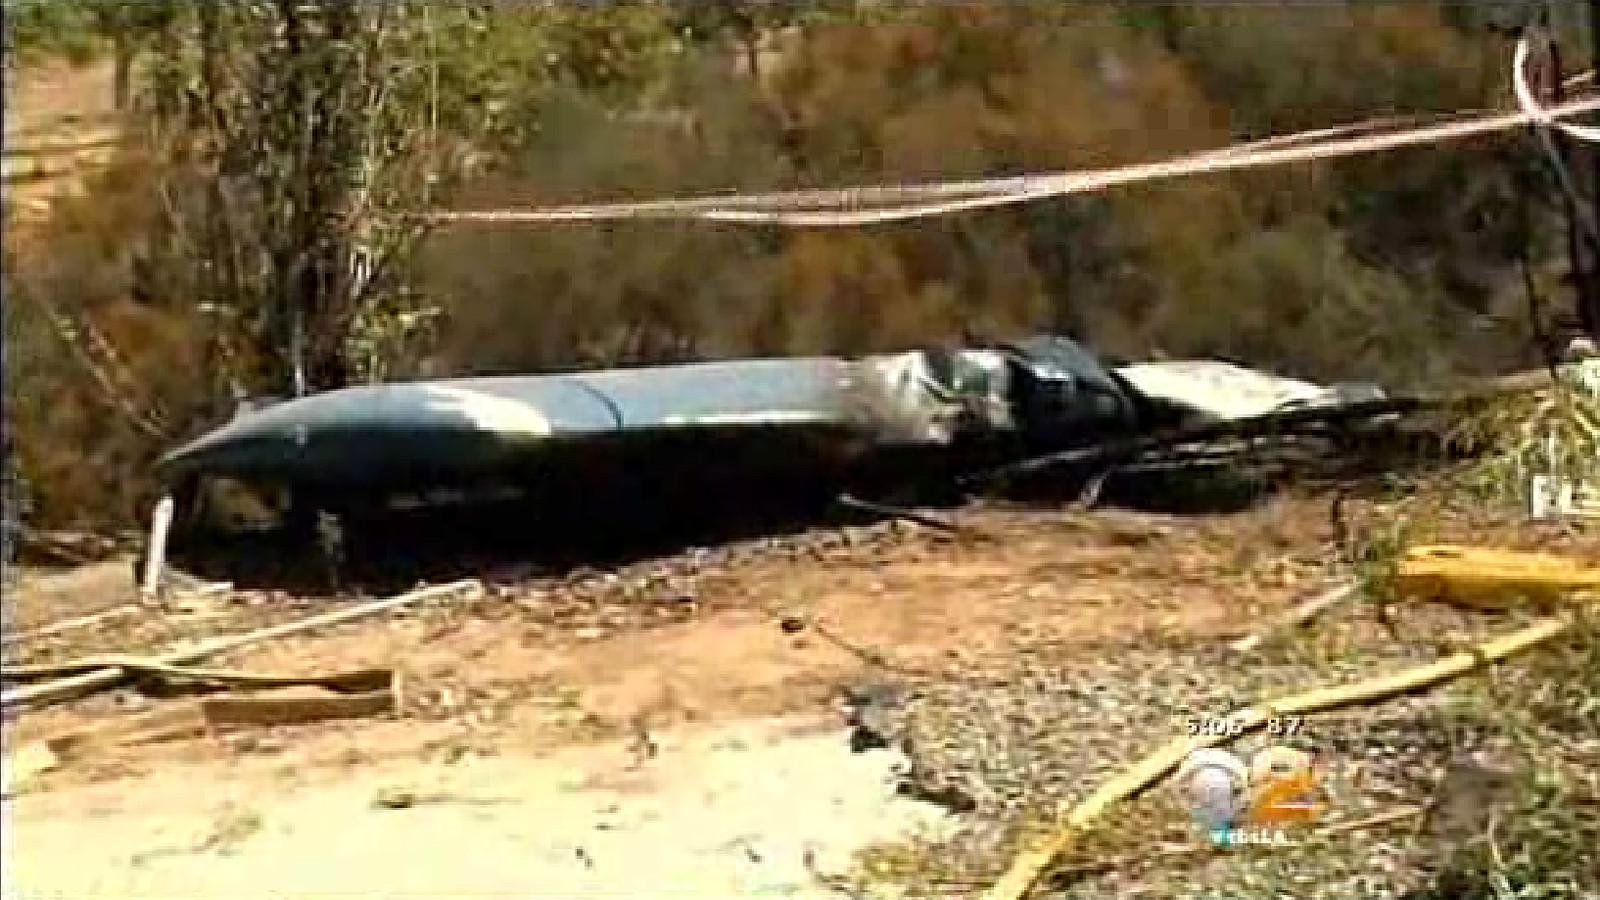 Three killed when plane crashes into cliff of Santa Ana Mountains